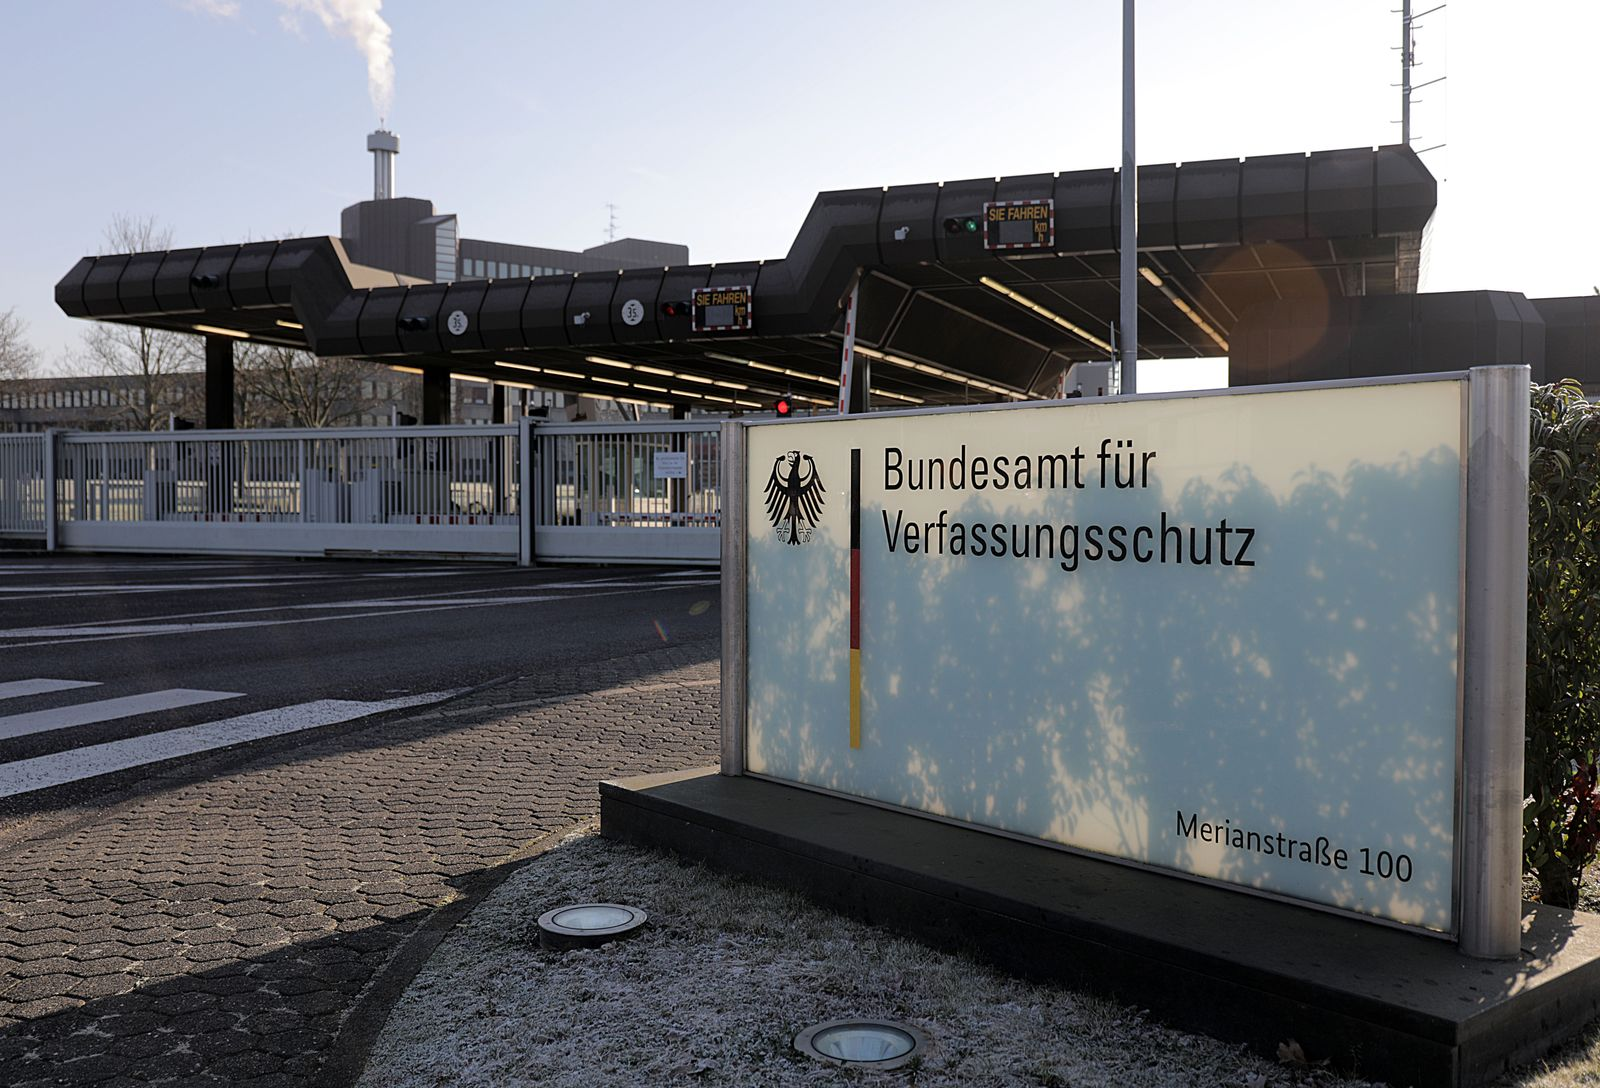 Bundesamt für Verfassungsschutz/ BfV